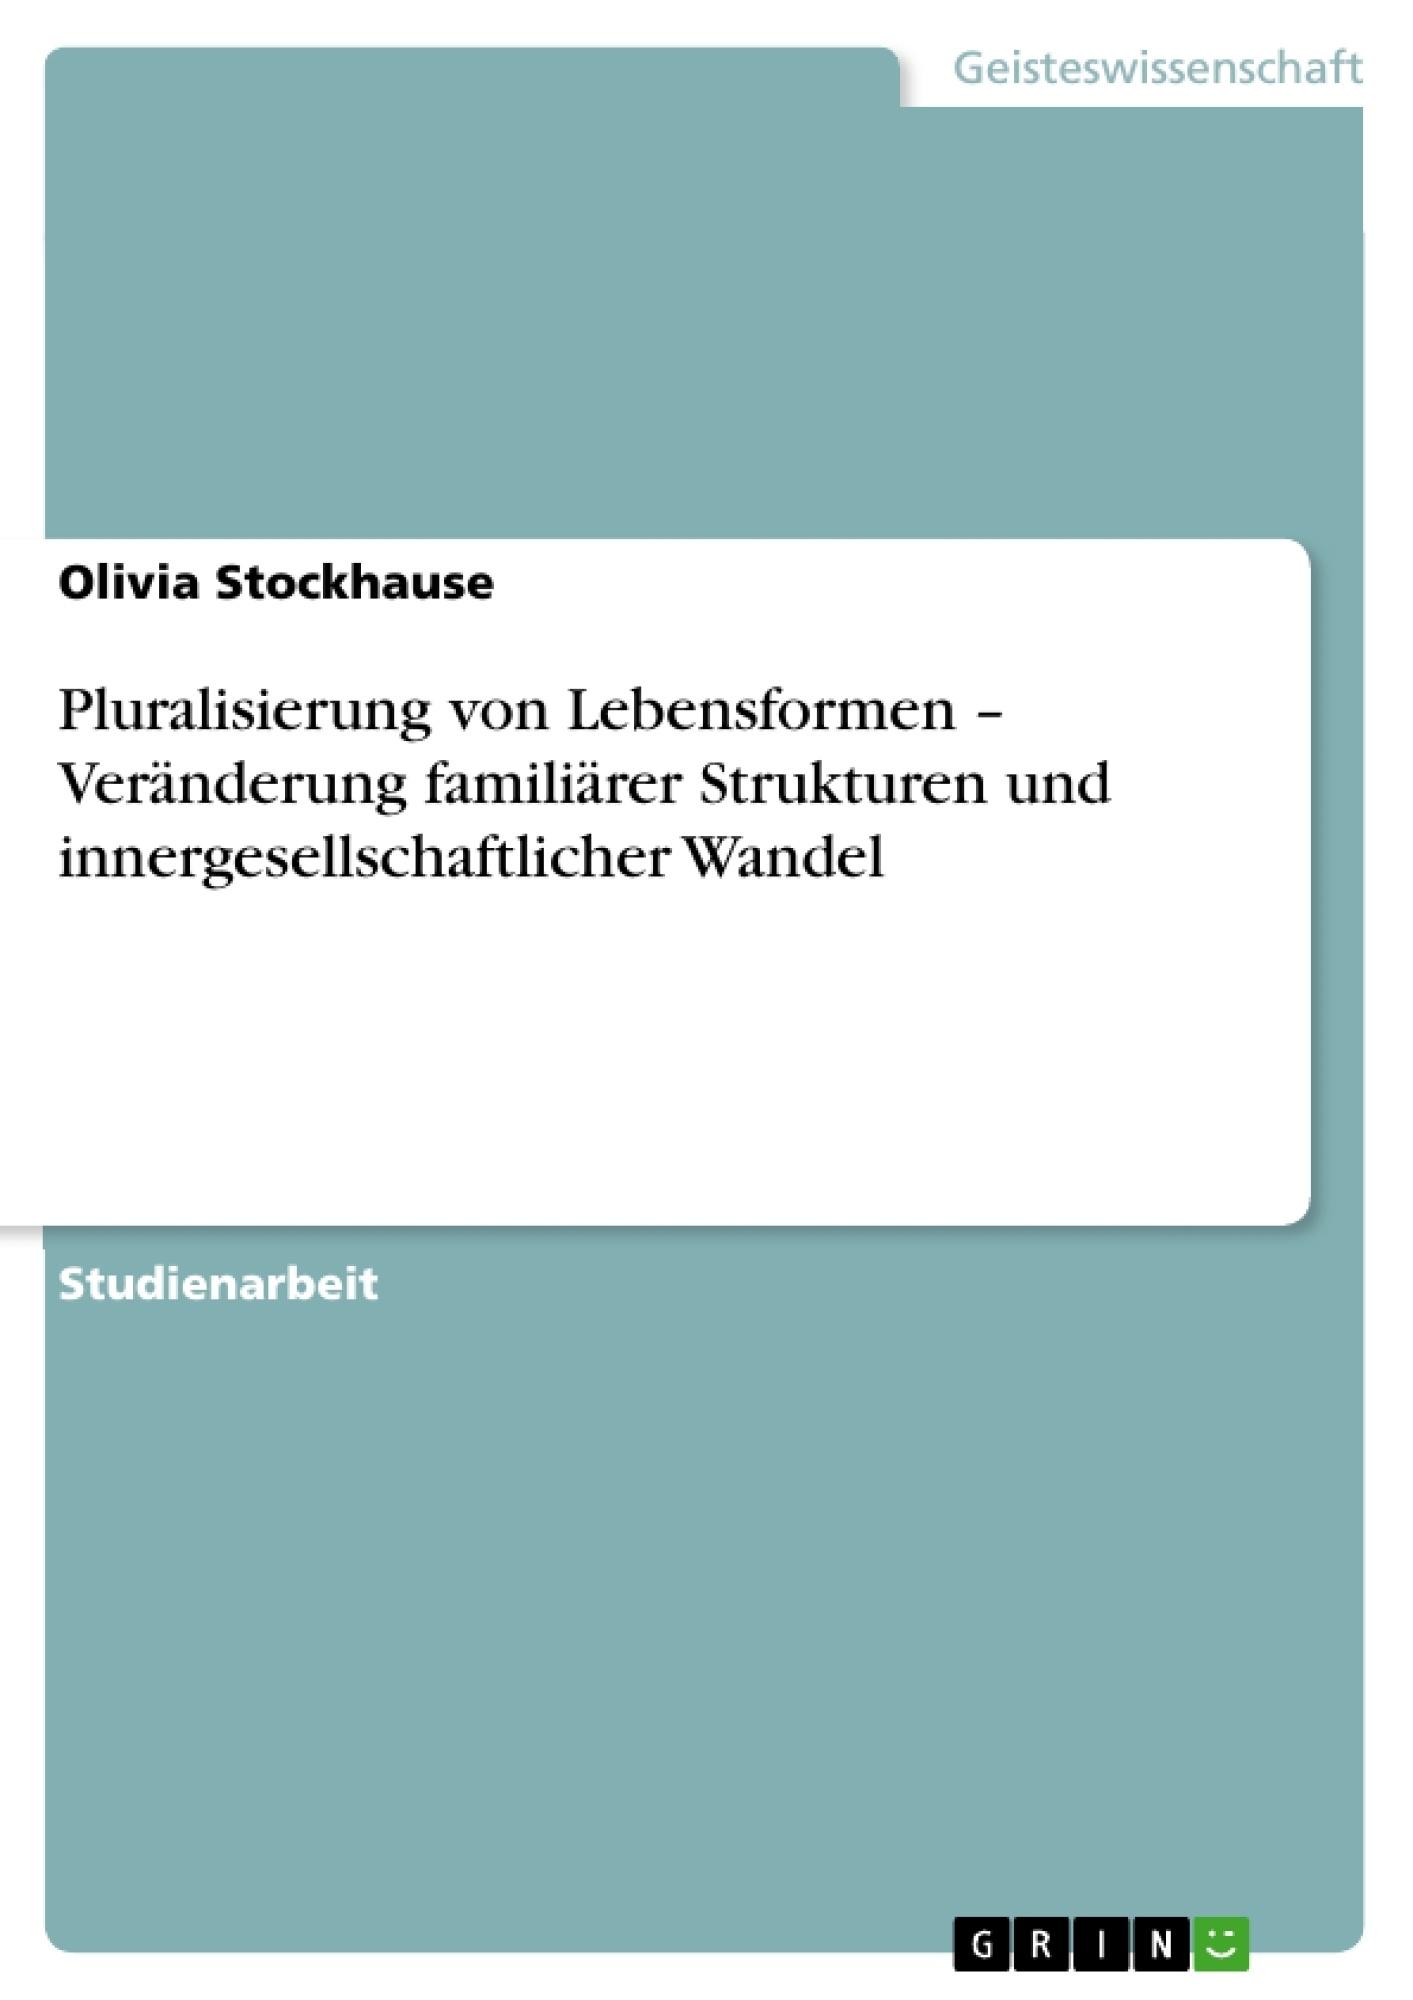 Titel: Pluralisierung von Lebensformen – Veränderung familiärer Strukturen und innergesellschaftlicher Wandel